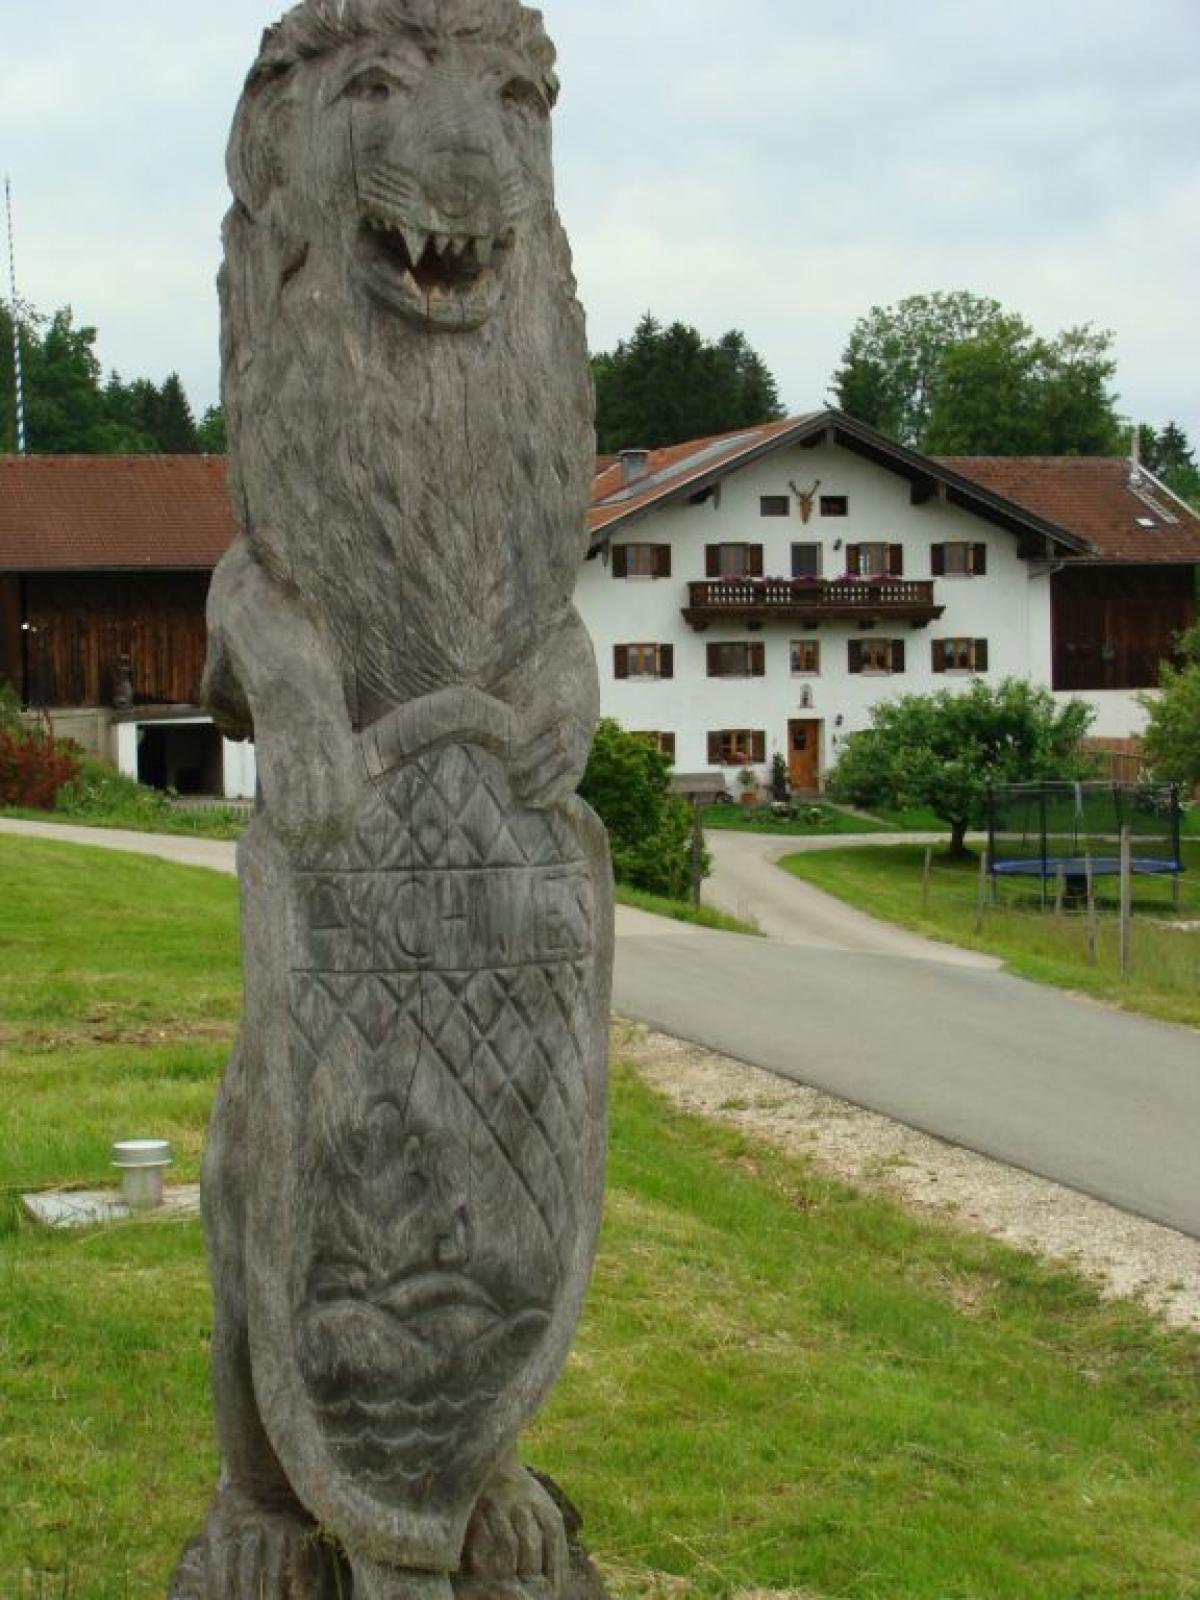 Dieser übermannsgroße Löwe grüßt von Aichwies aus, wo der Motorsägen-Schnitzer Max Poschner jun. zu Hause ist, die Autofahrer am Kirchhallinger Berg.